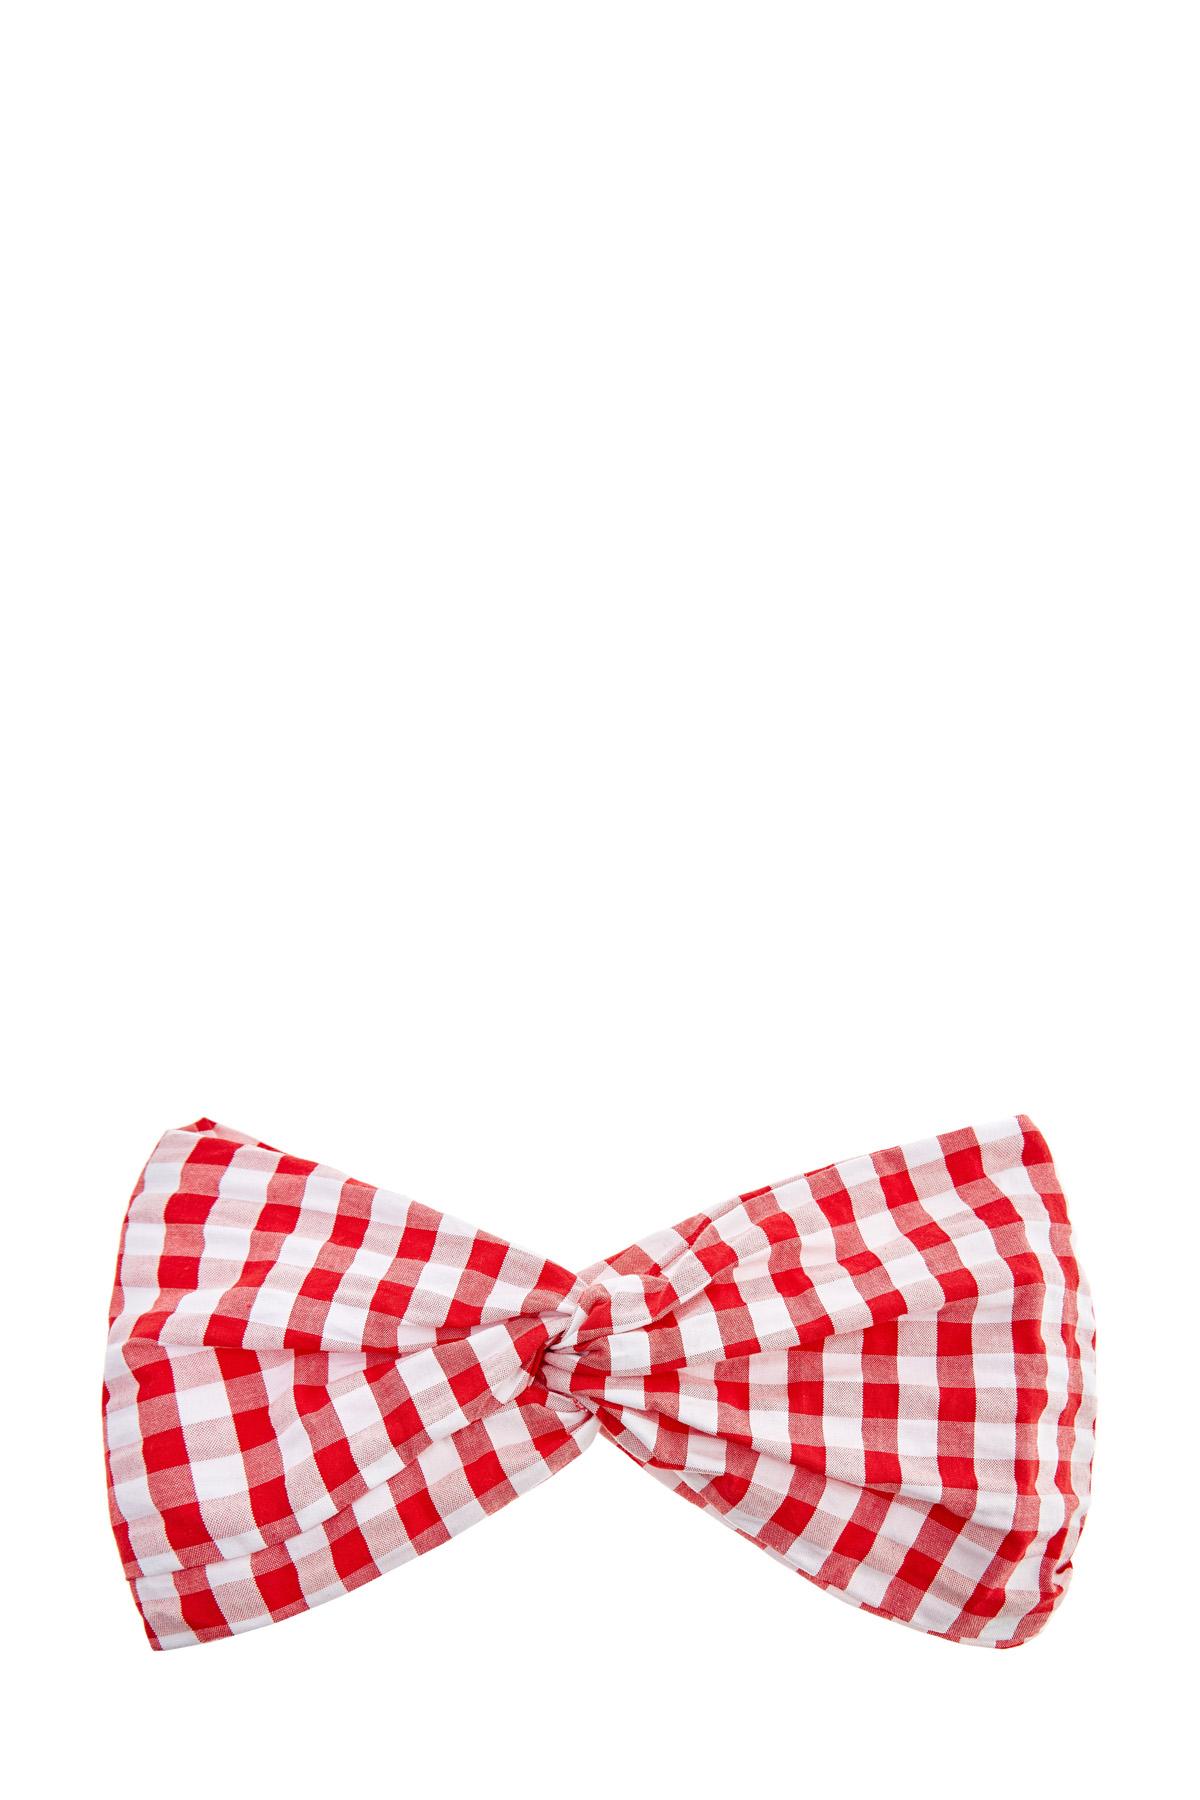 Купить со скидкой Яркая повязка из жатого хлопка с перекрученной отделкой